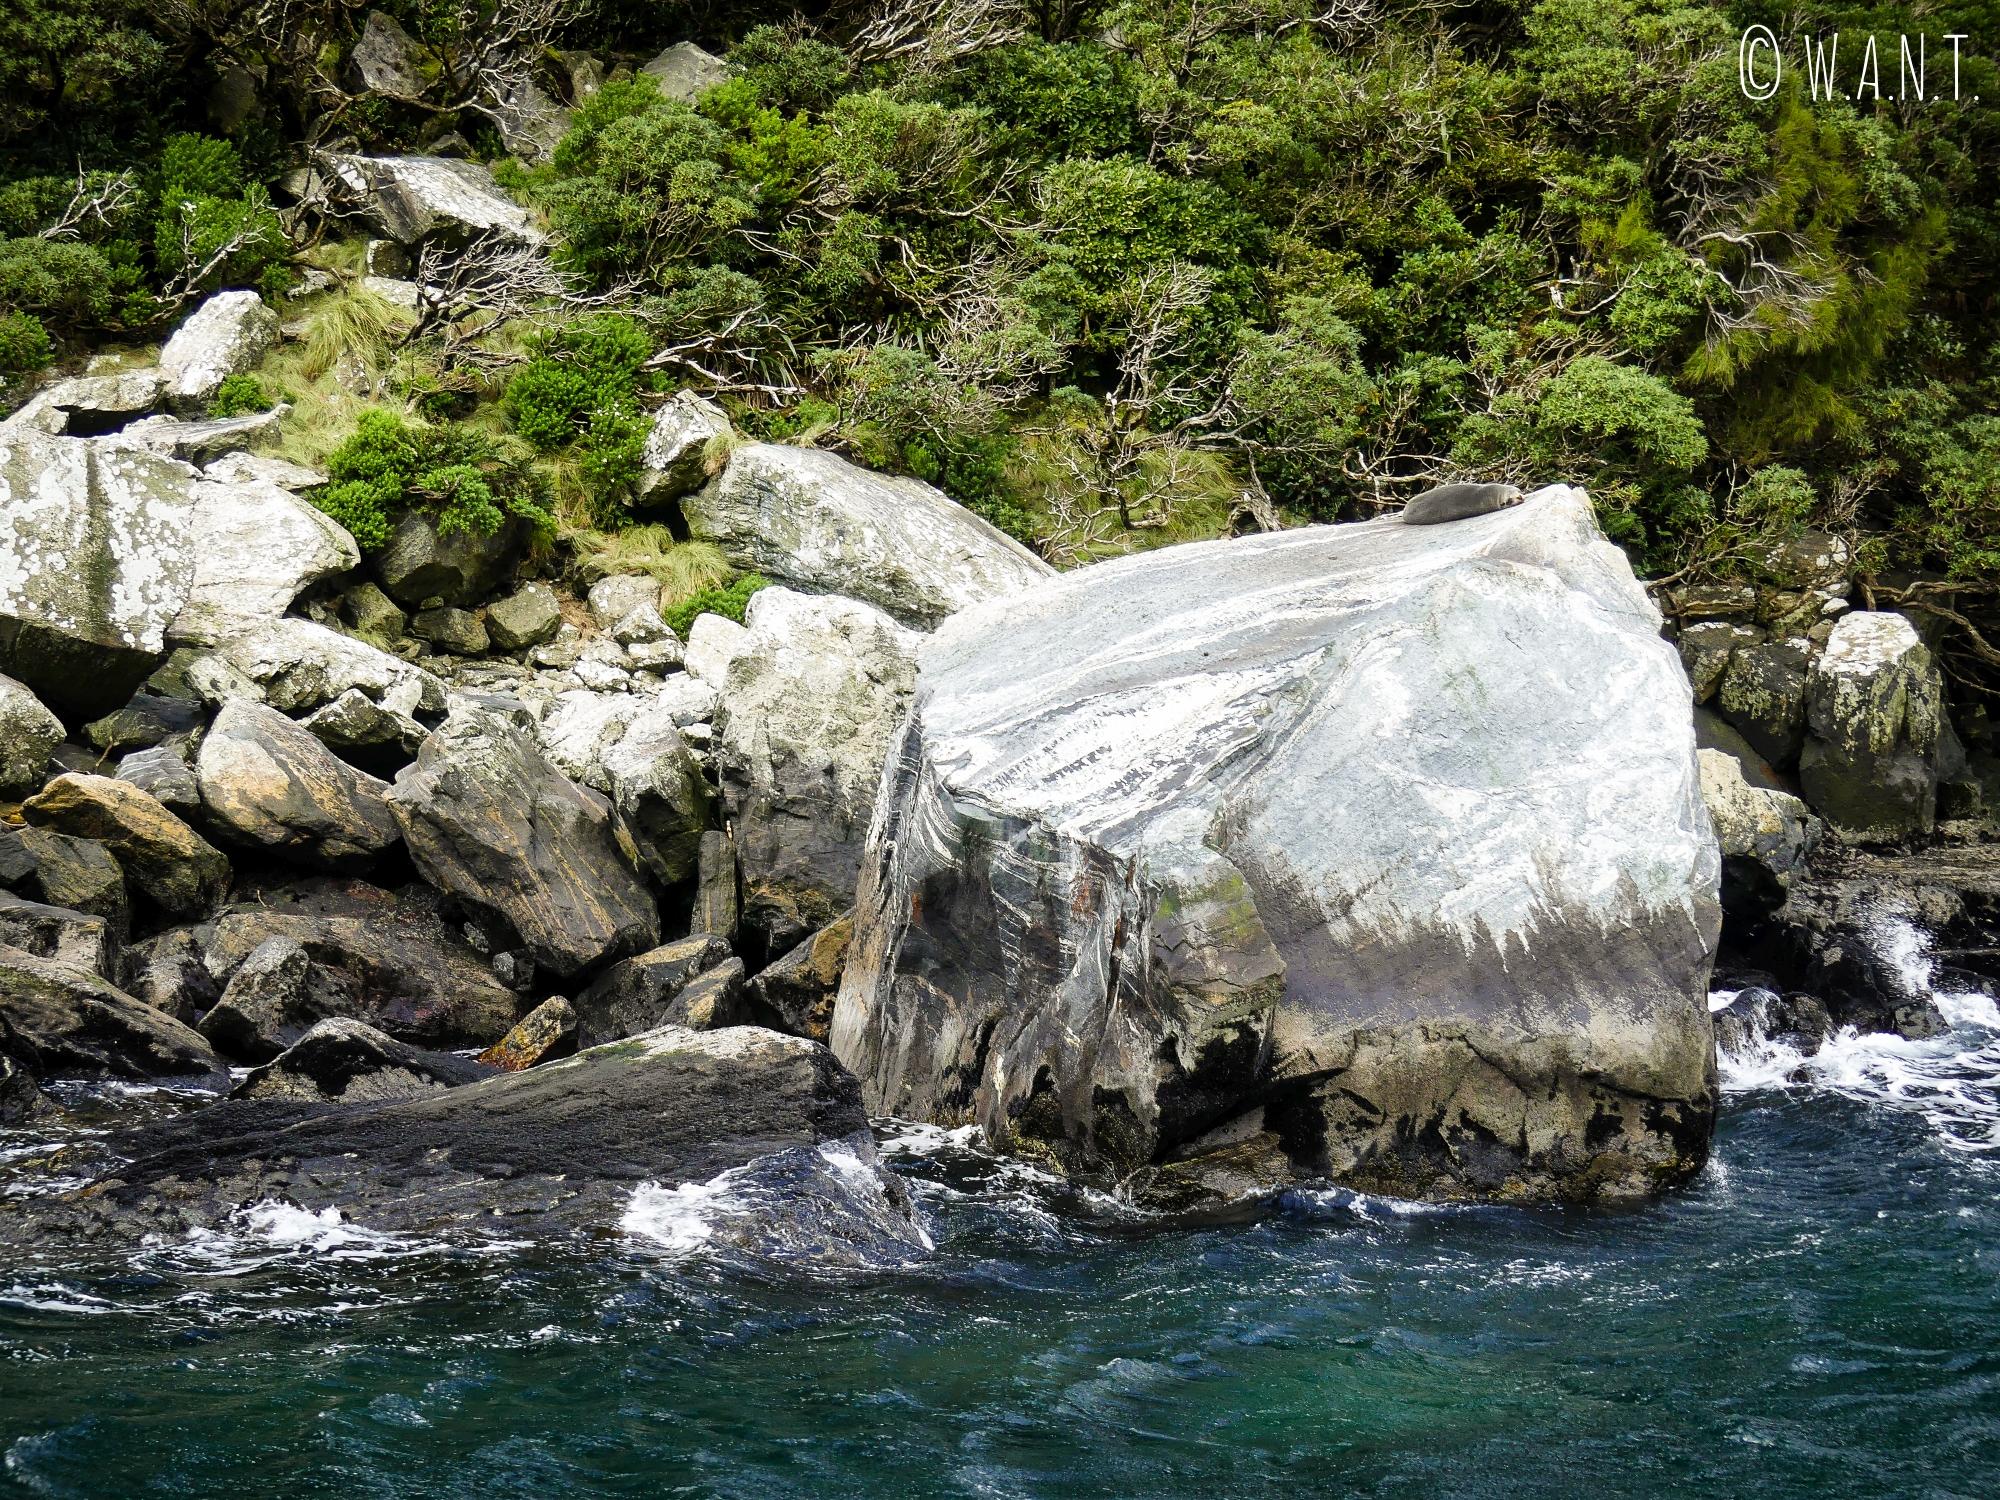 Phoque installé sur un rocher observé durant notre croisière sur le Milford Sound en Nouvelle-Zélande